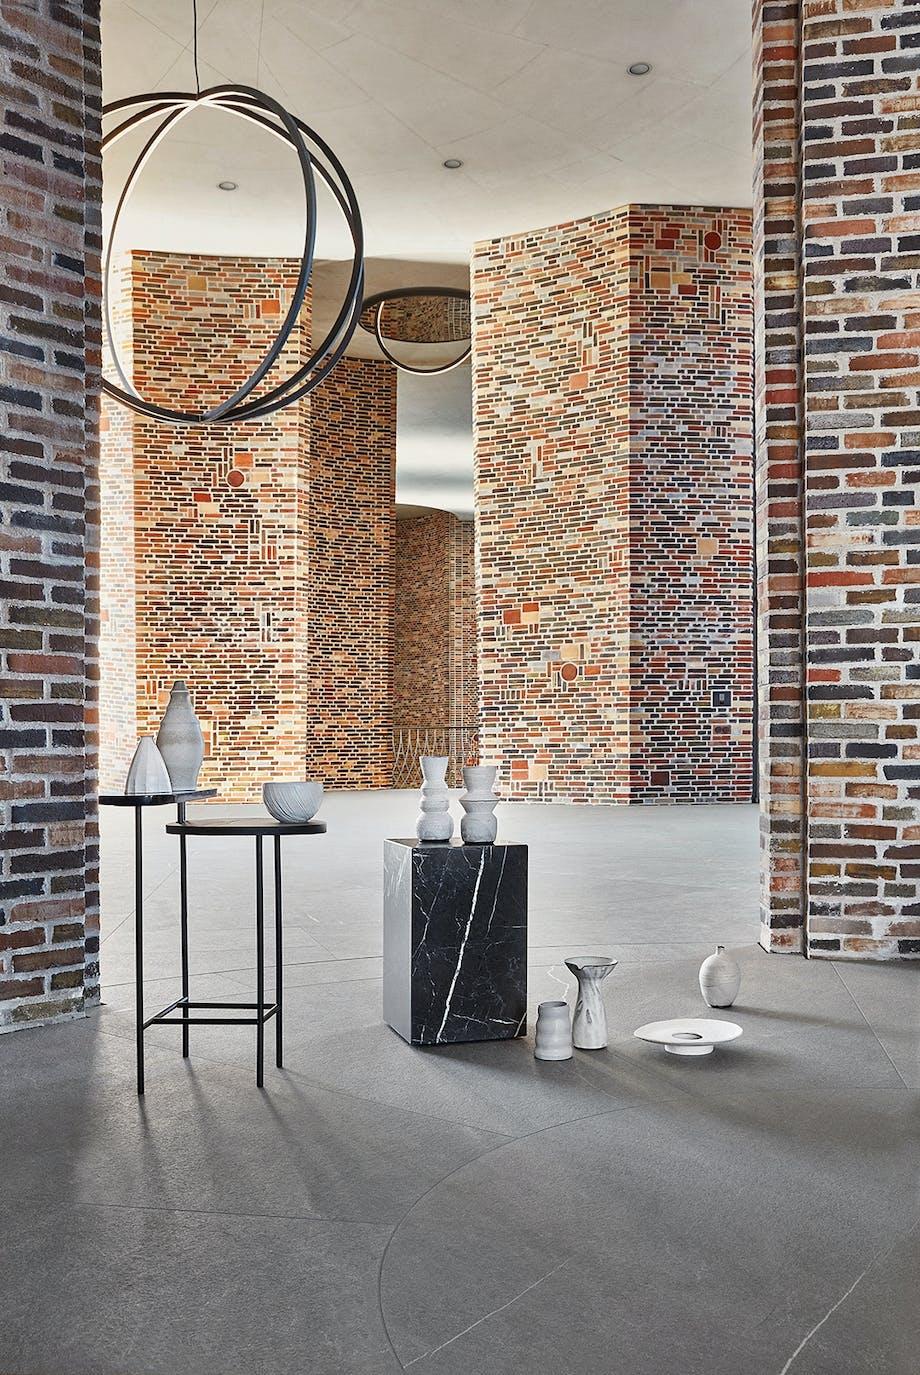 Fjordenhus Vejle Fjord Olafur Eliasson Keramik marmor murstensværk